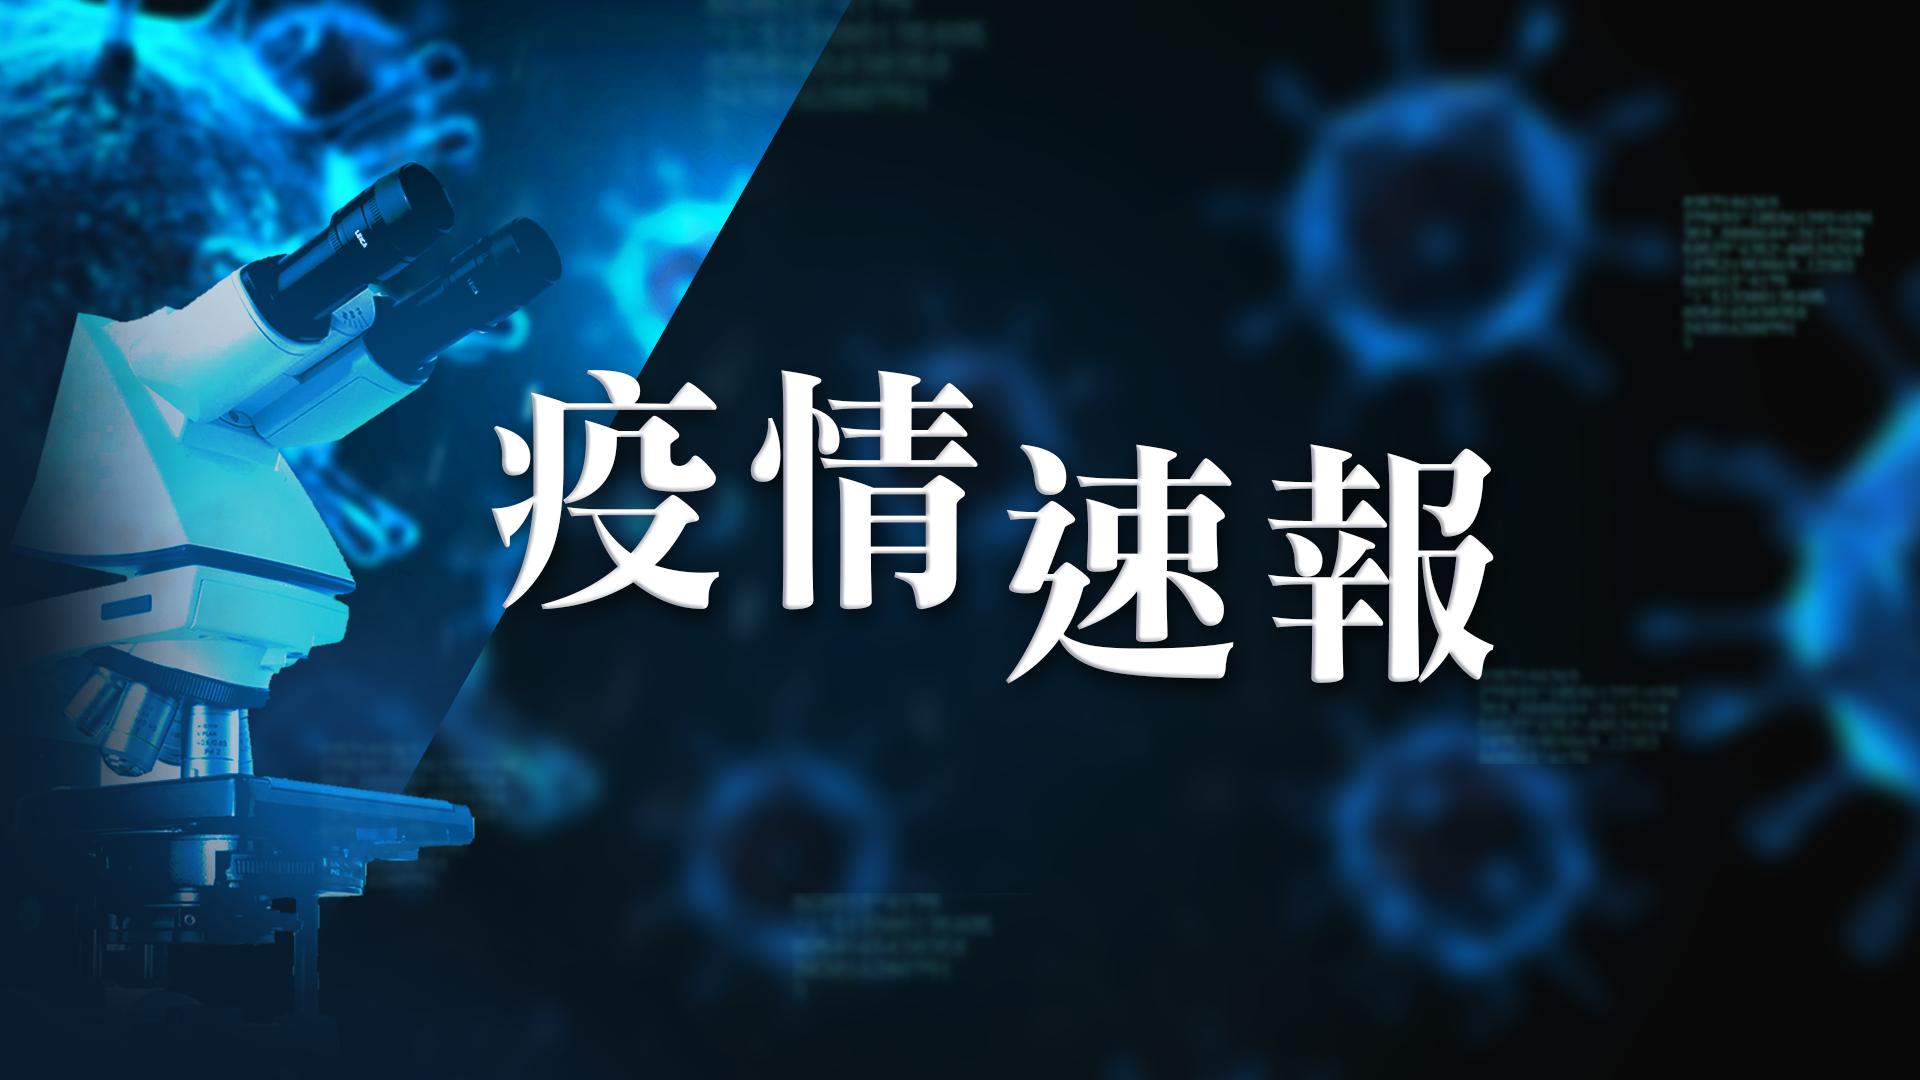 【1月27日疫情速報】(14:15)